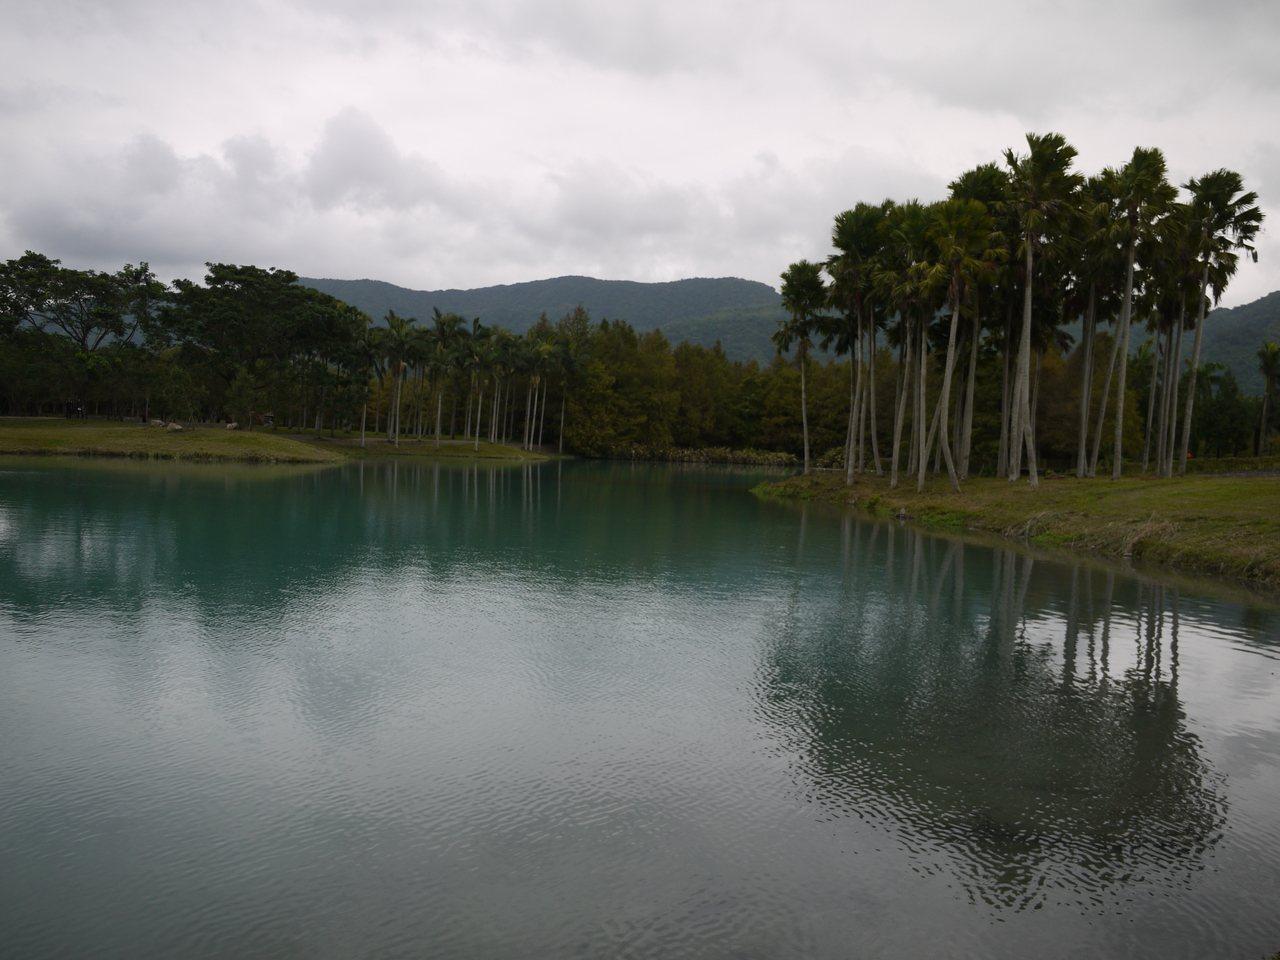 雲山水的人工湖泊「夢幻湖」,也不禁讚嘆雲山水的美景如詩如畫。記者徐庭揚/攝影